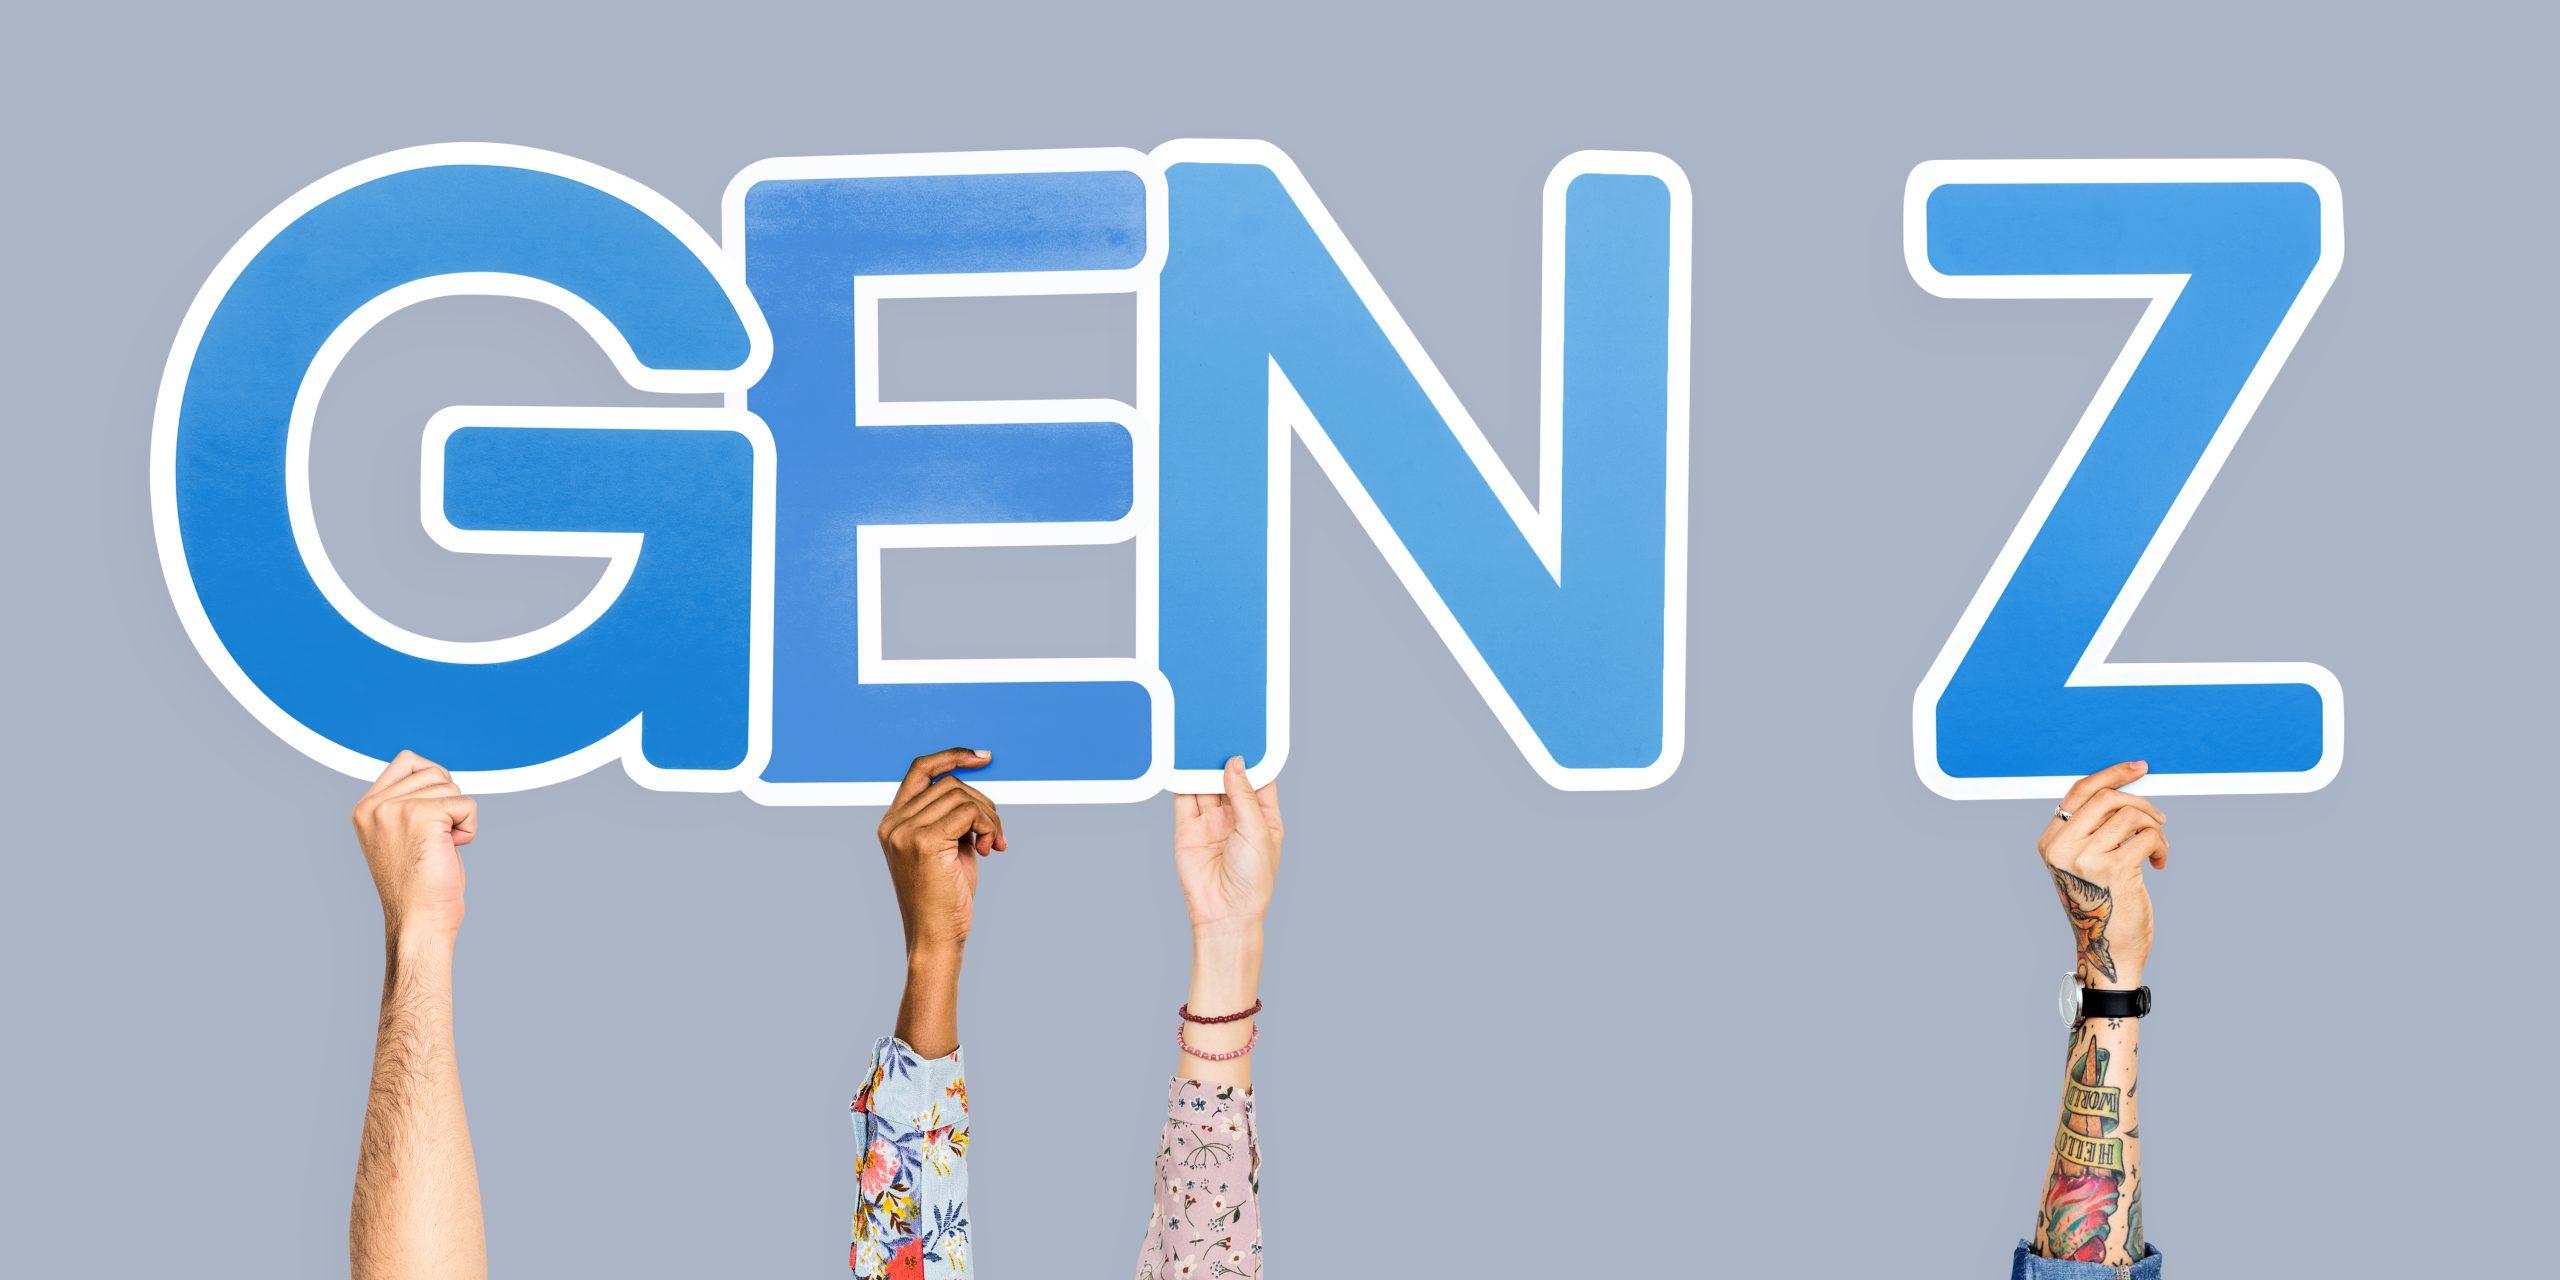 4 พฤติกรรม Gen Z ที่ผู้จัด Event ไม่ควรมองข้าม